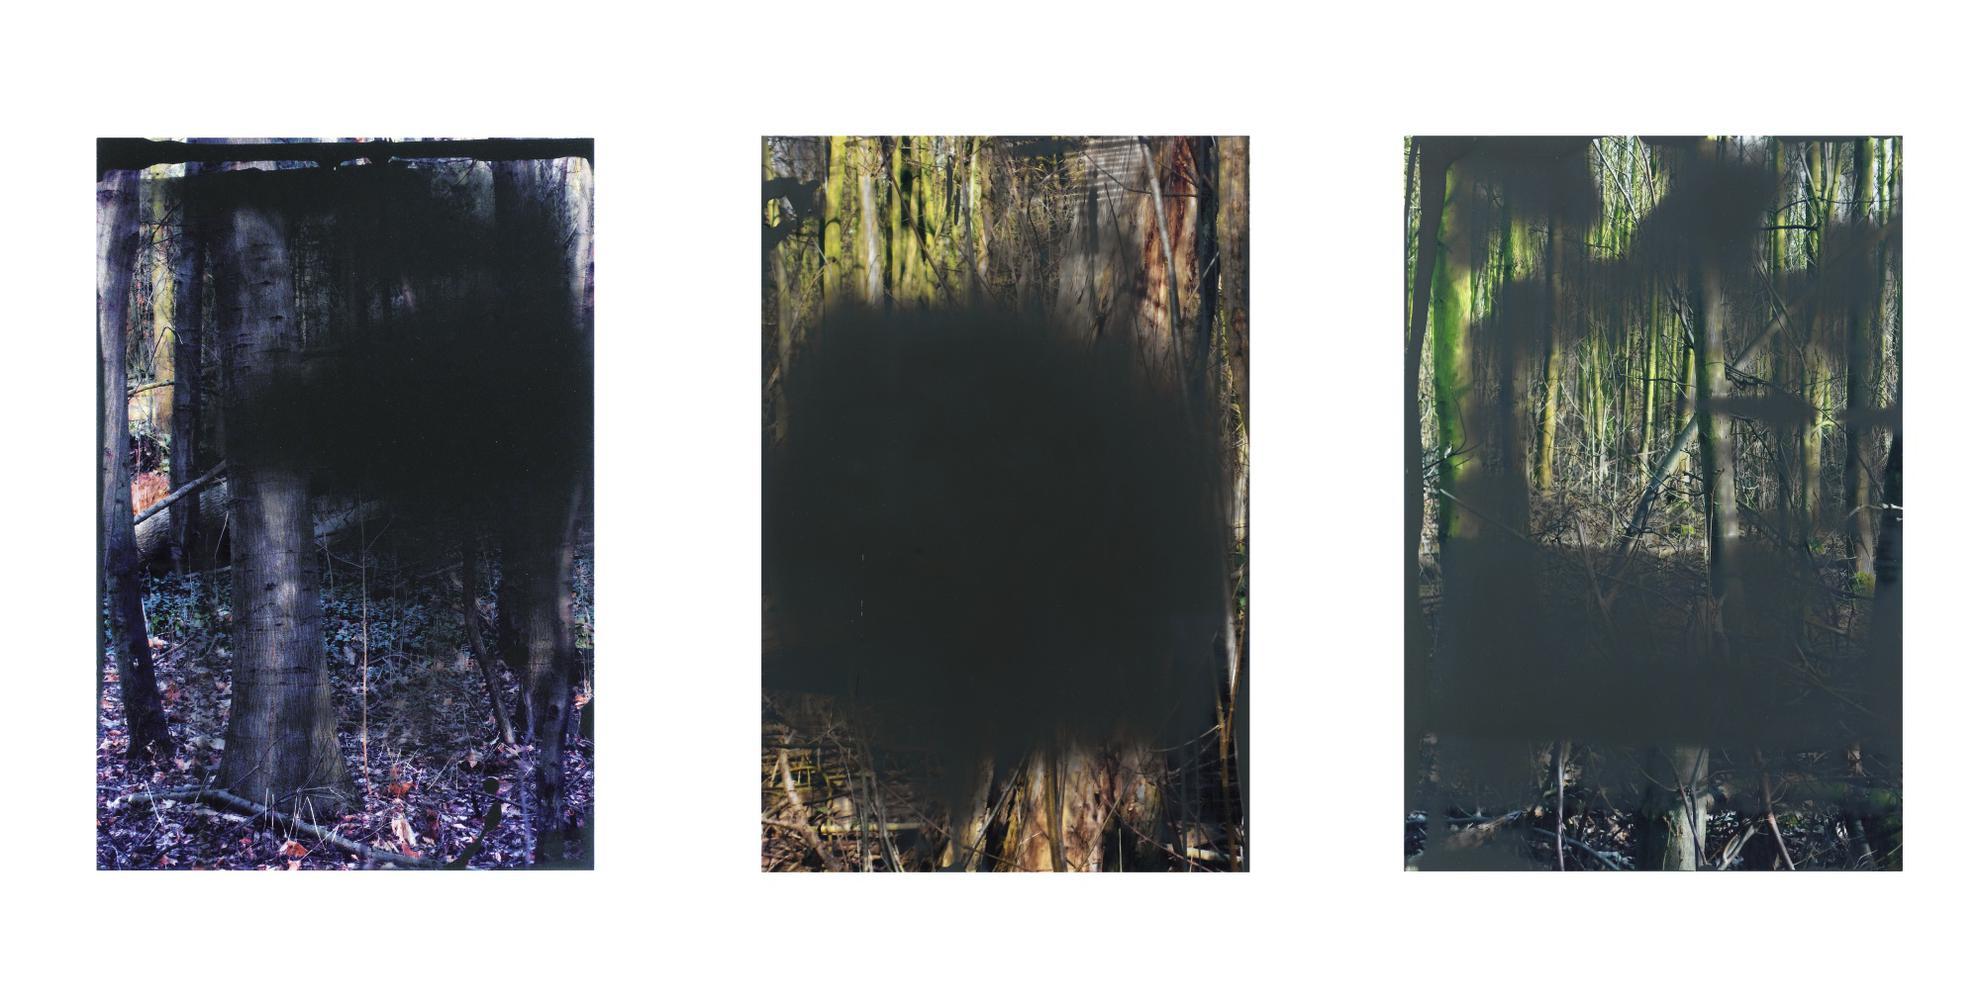 Gerhard Richter-I. Wald, II. Untitled (2.2.08), III. Grauwald III. Wald II-2008